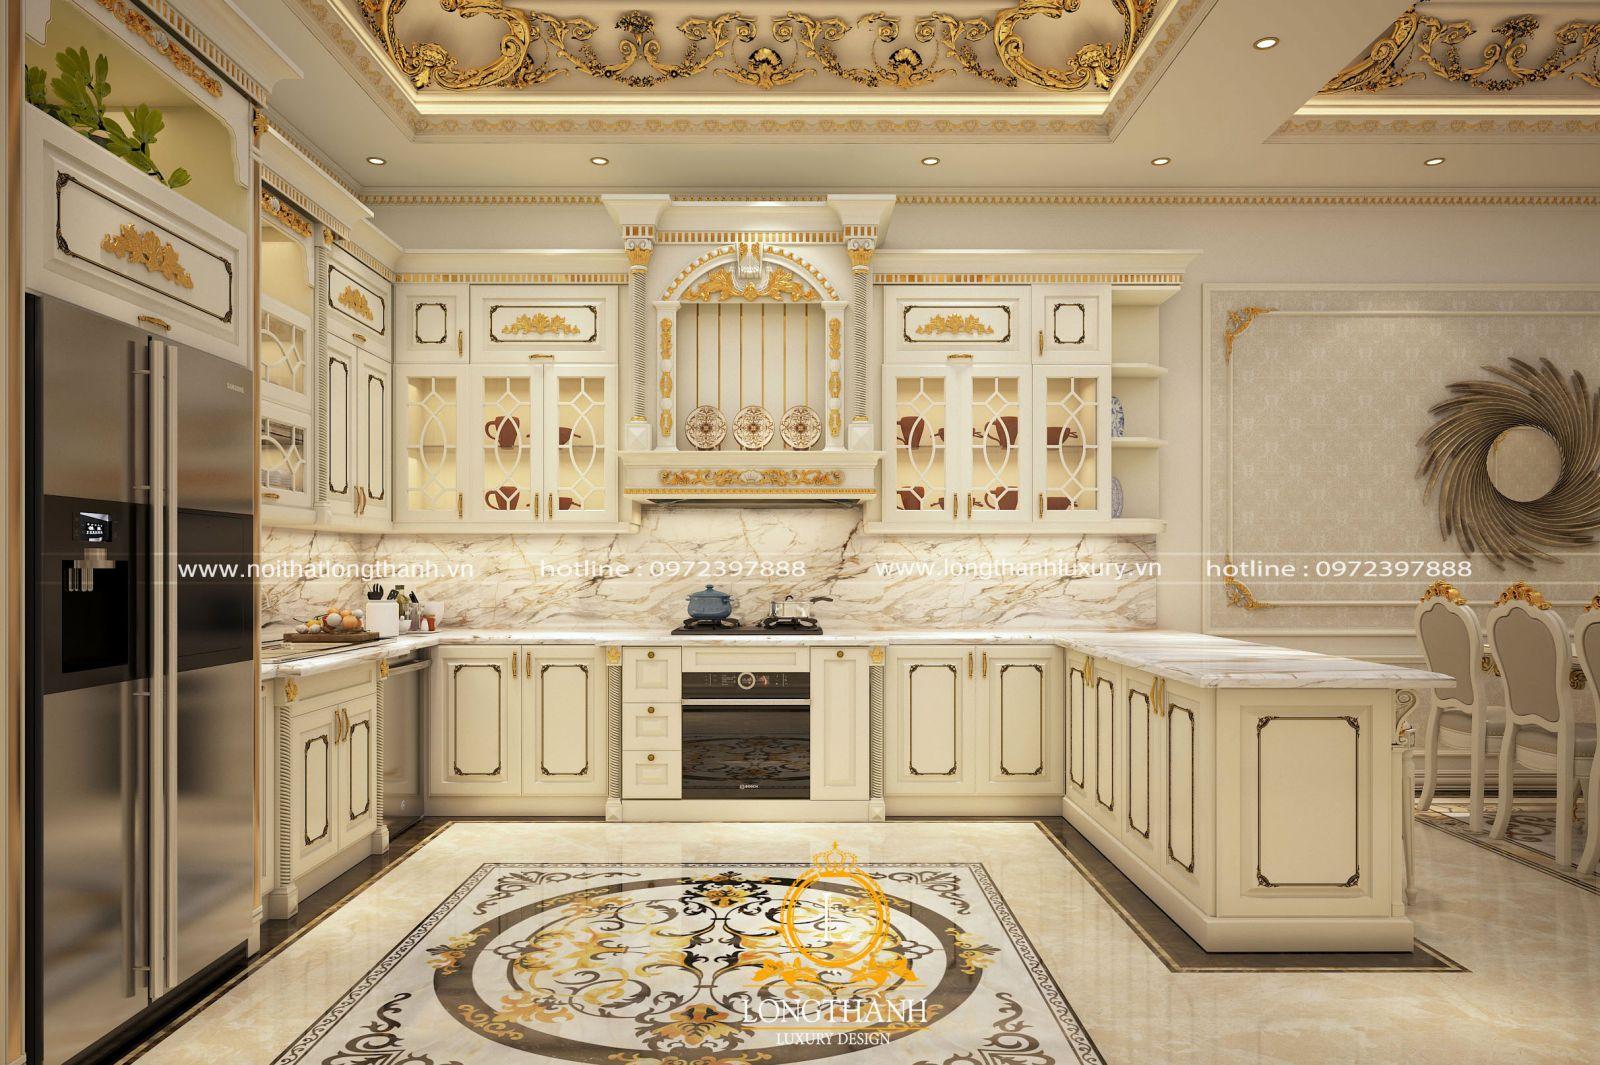 Tủ bếp gỗ Lát sơn trắng cho phòng bếp nhà biệt thự